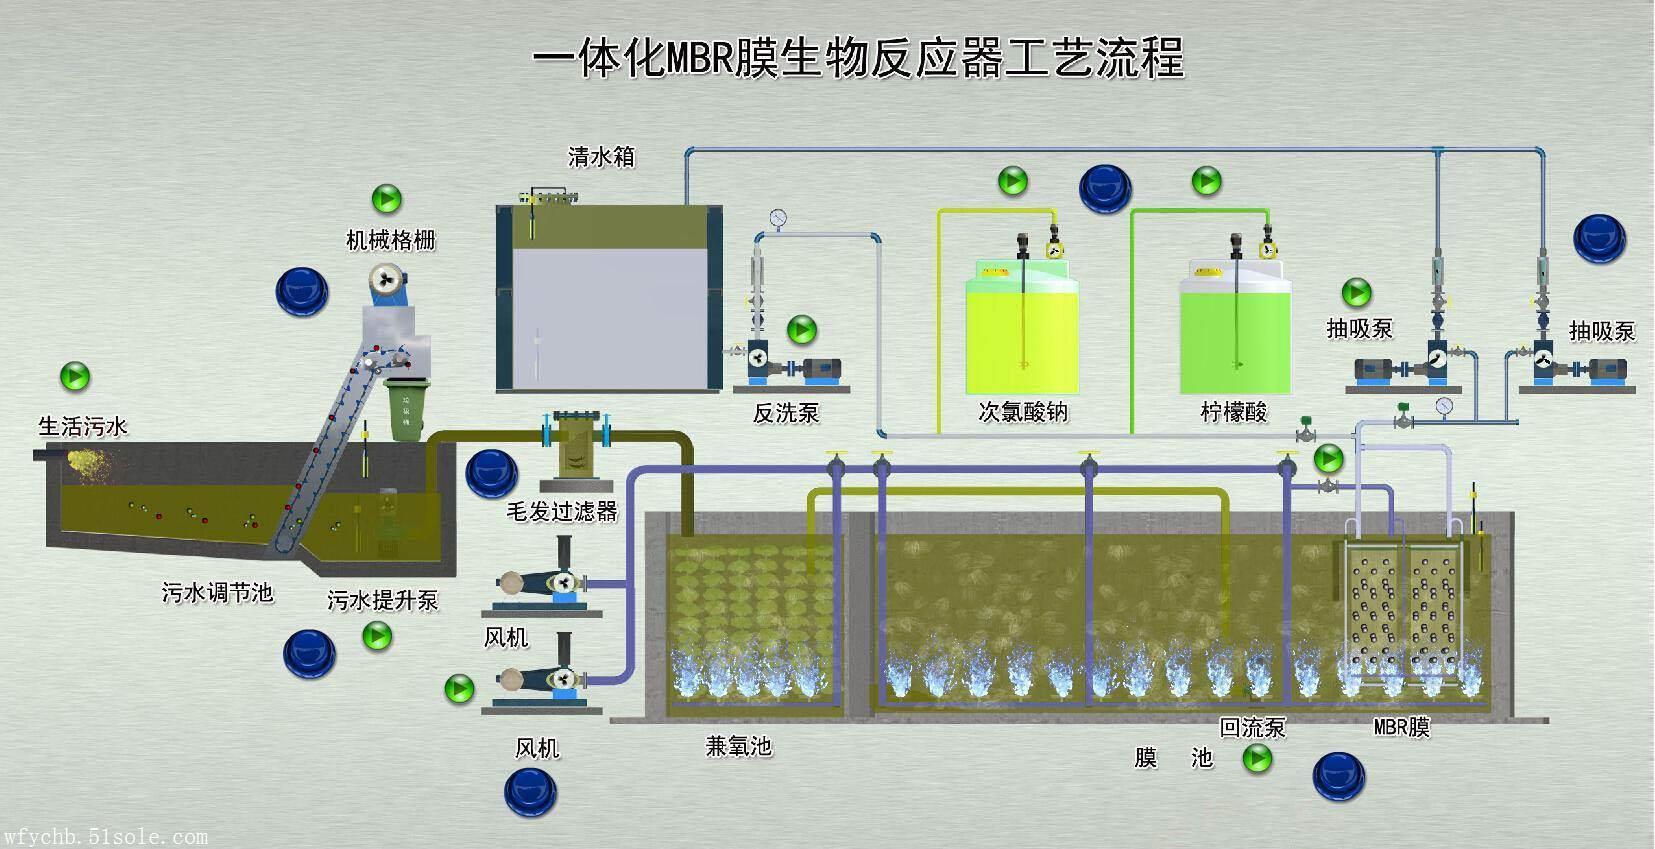 污水处理设备系统参数要求  二沉池:wsz-ao系列二沉池为旋流式沉淀池